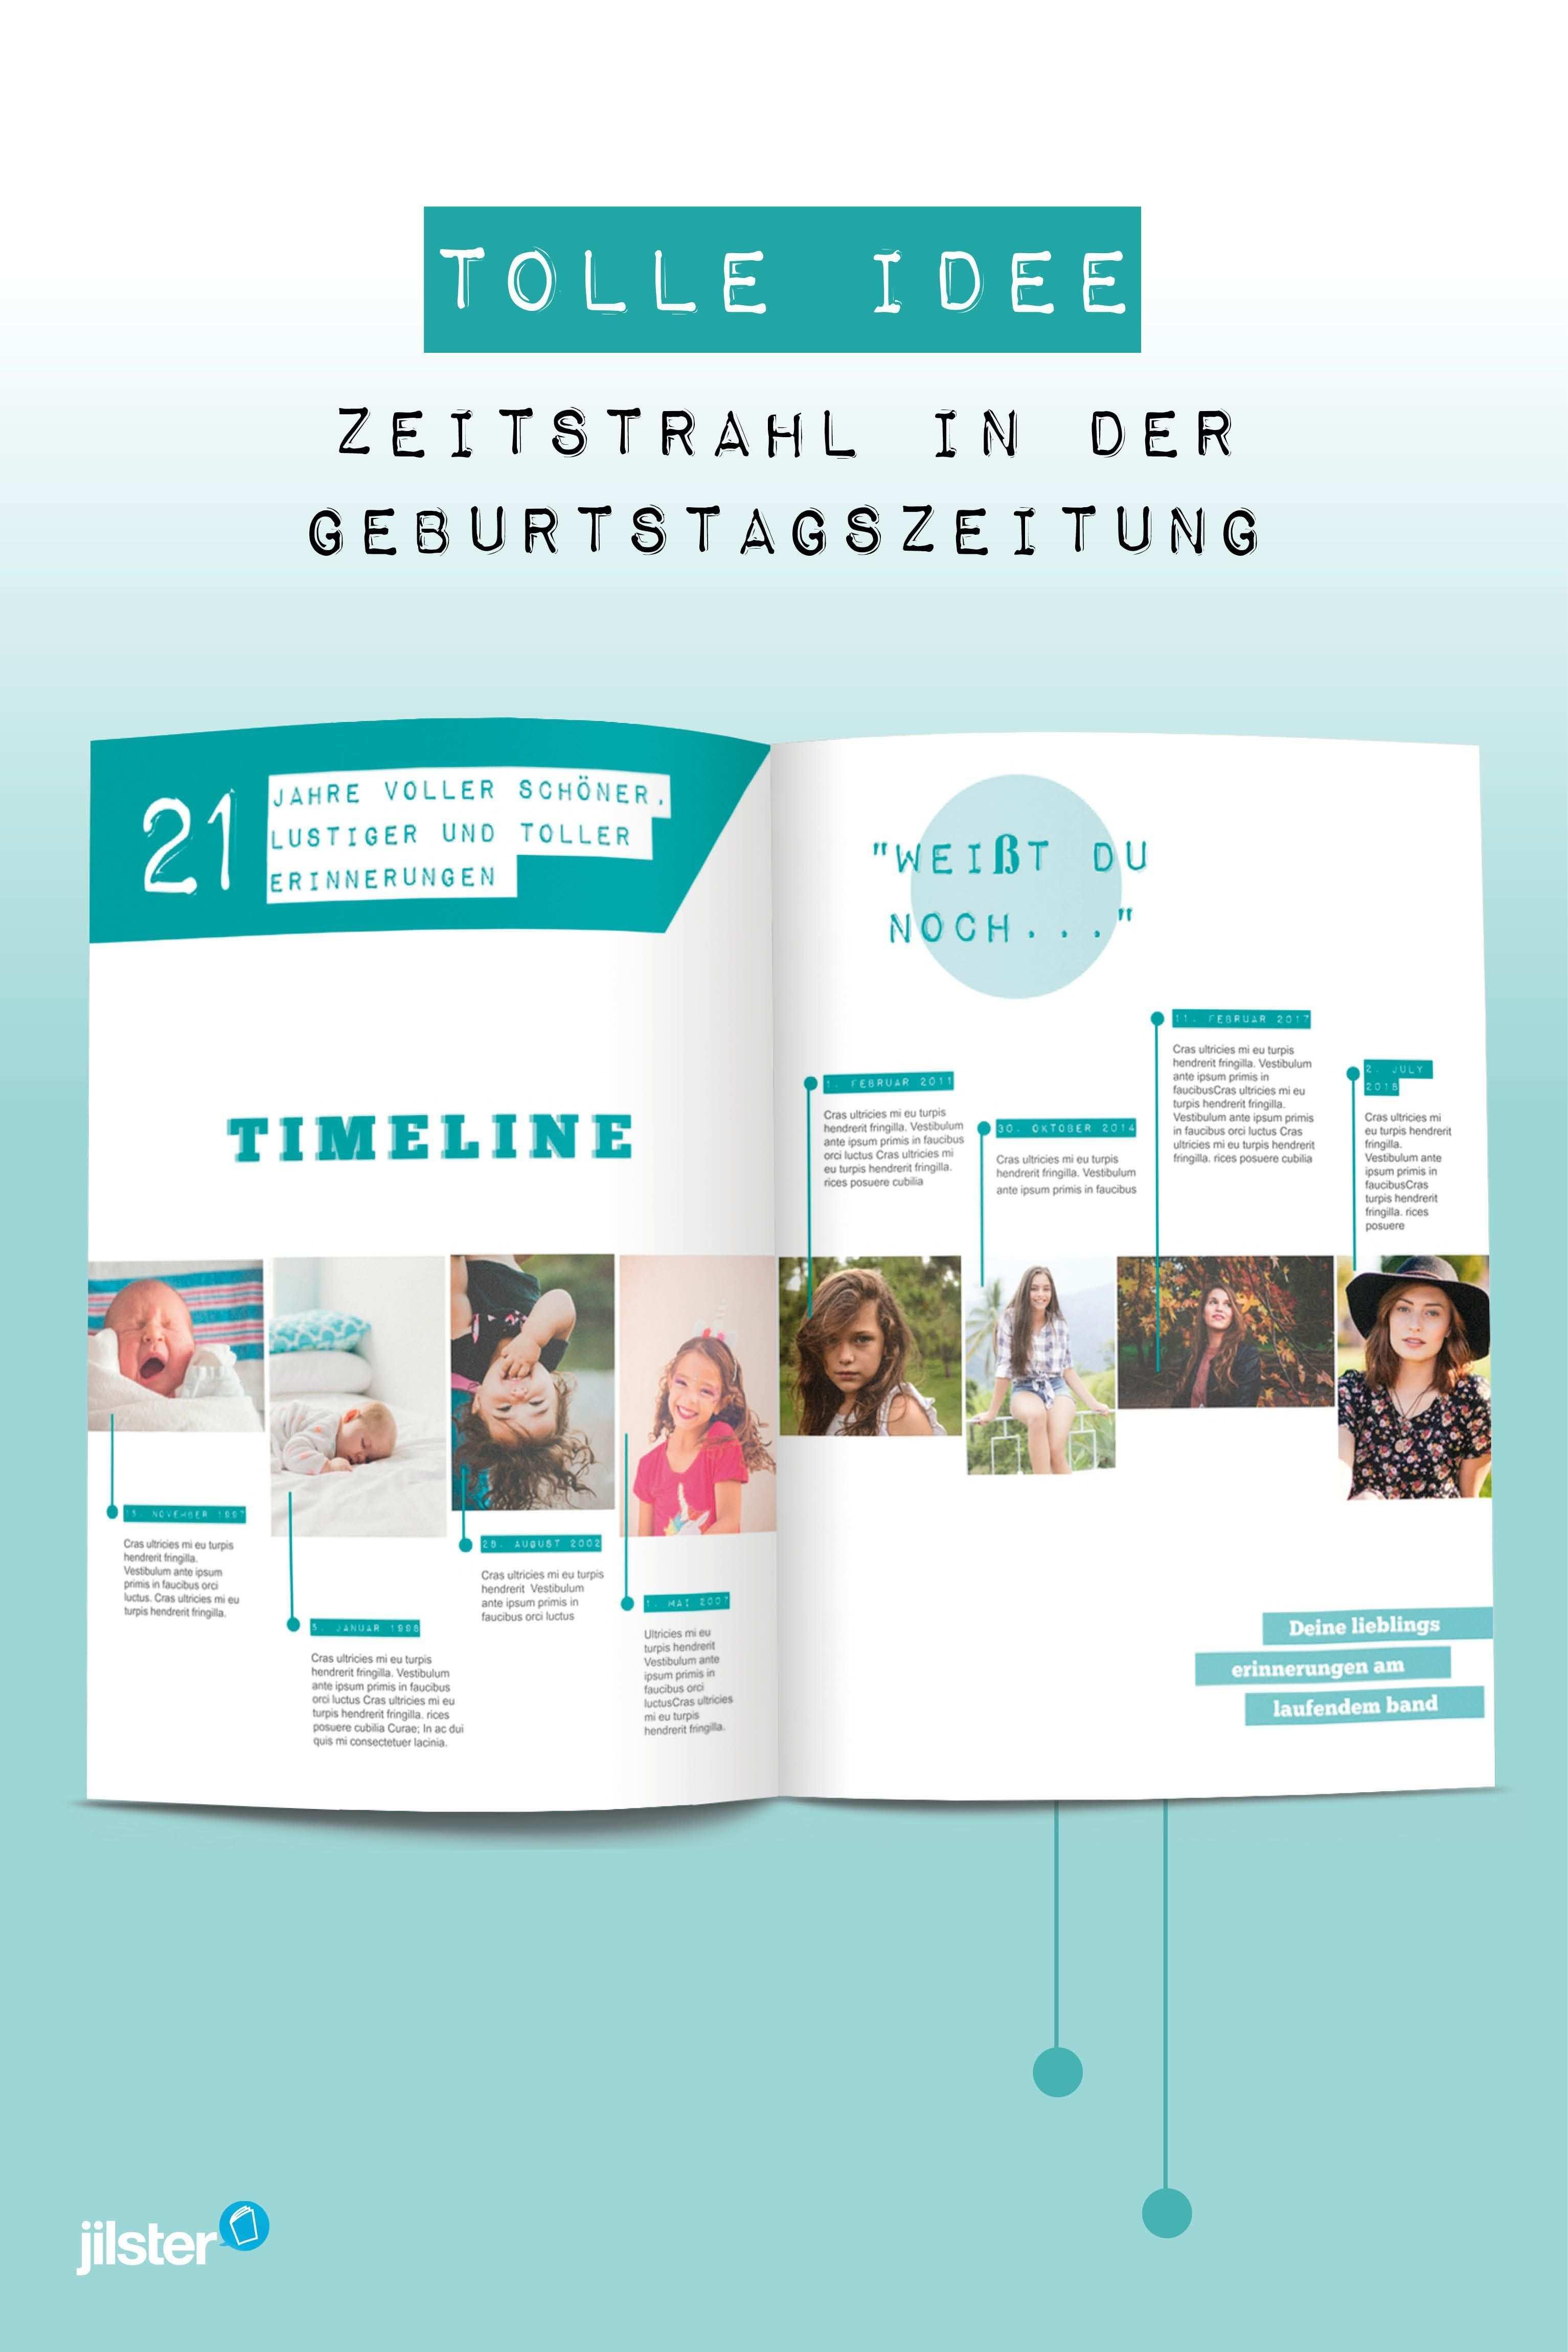 Einen Zeitstrahl Fur Die Geburtstagszeitung Gestalten Jilster Blog Geburtstagszeitung Geburtstagsbuch Hochzeitszeitung Ideen